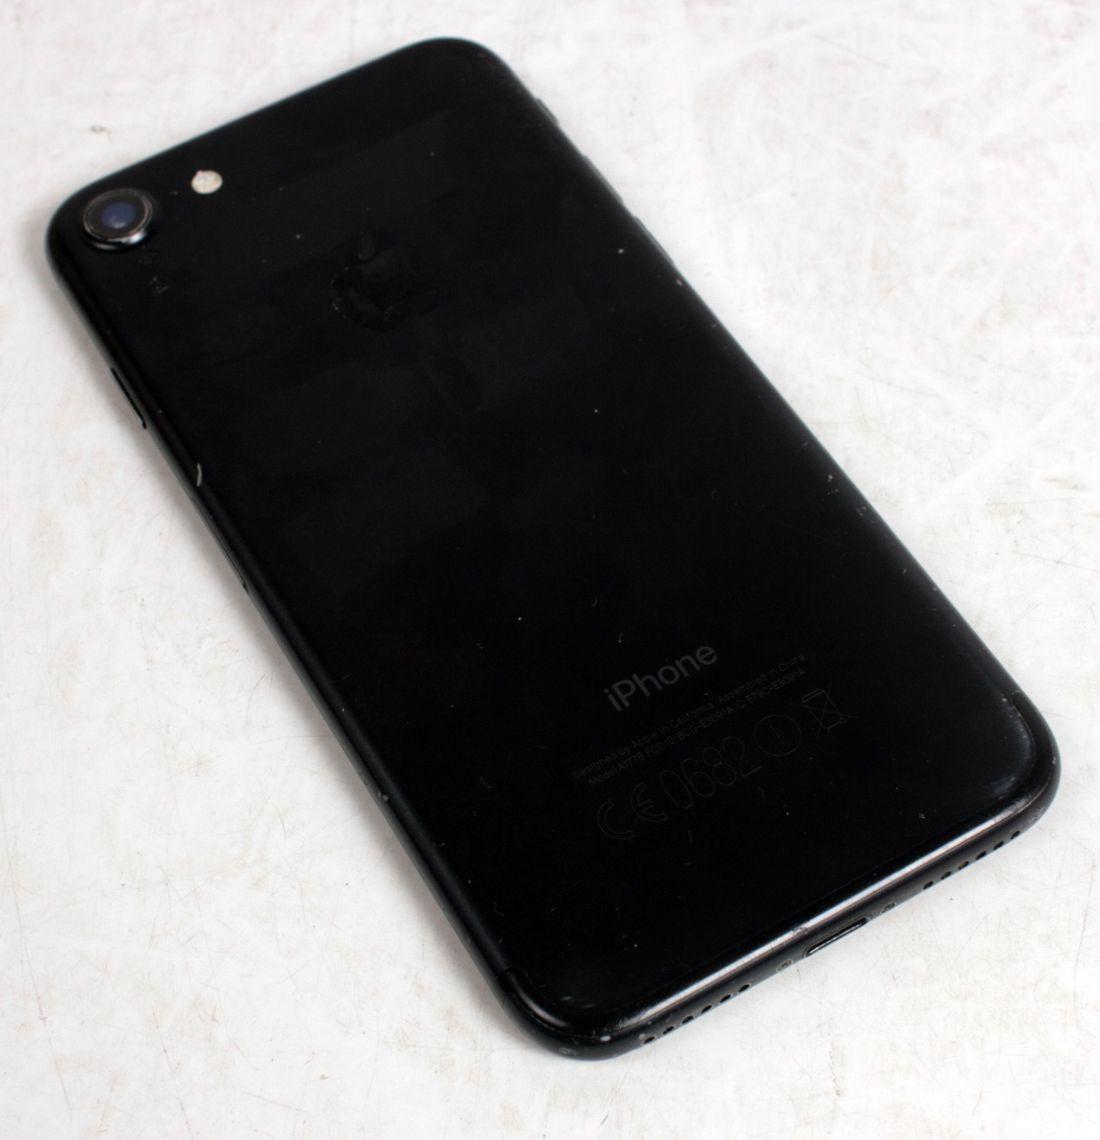 Apple iPhone 7 128GB MATE BLACK Unlocked